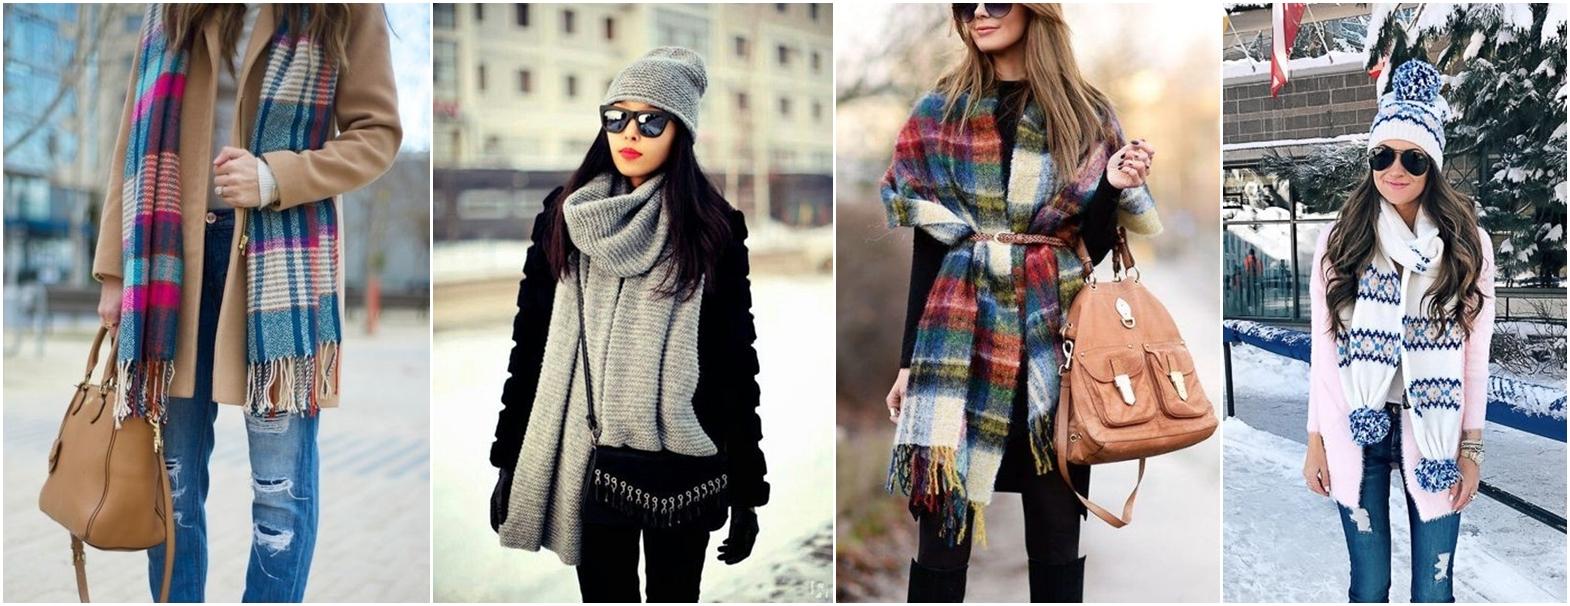 idei stilistice de iarnă